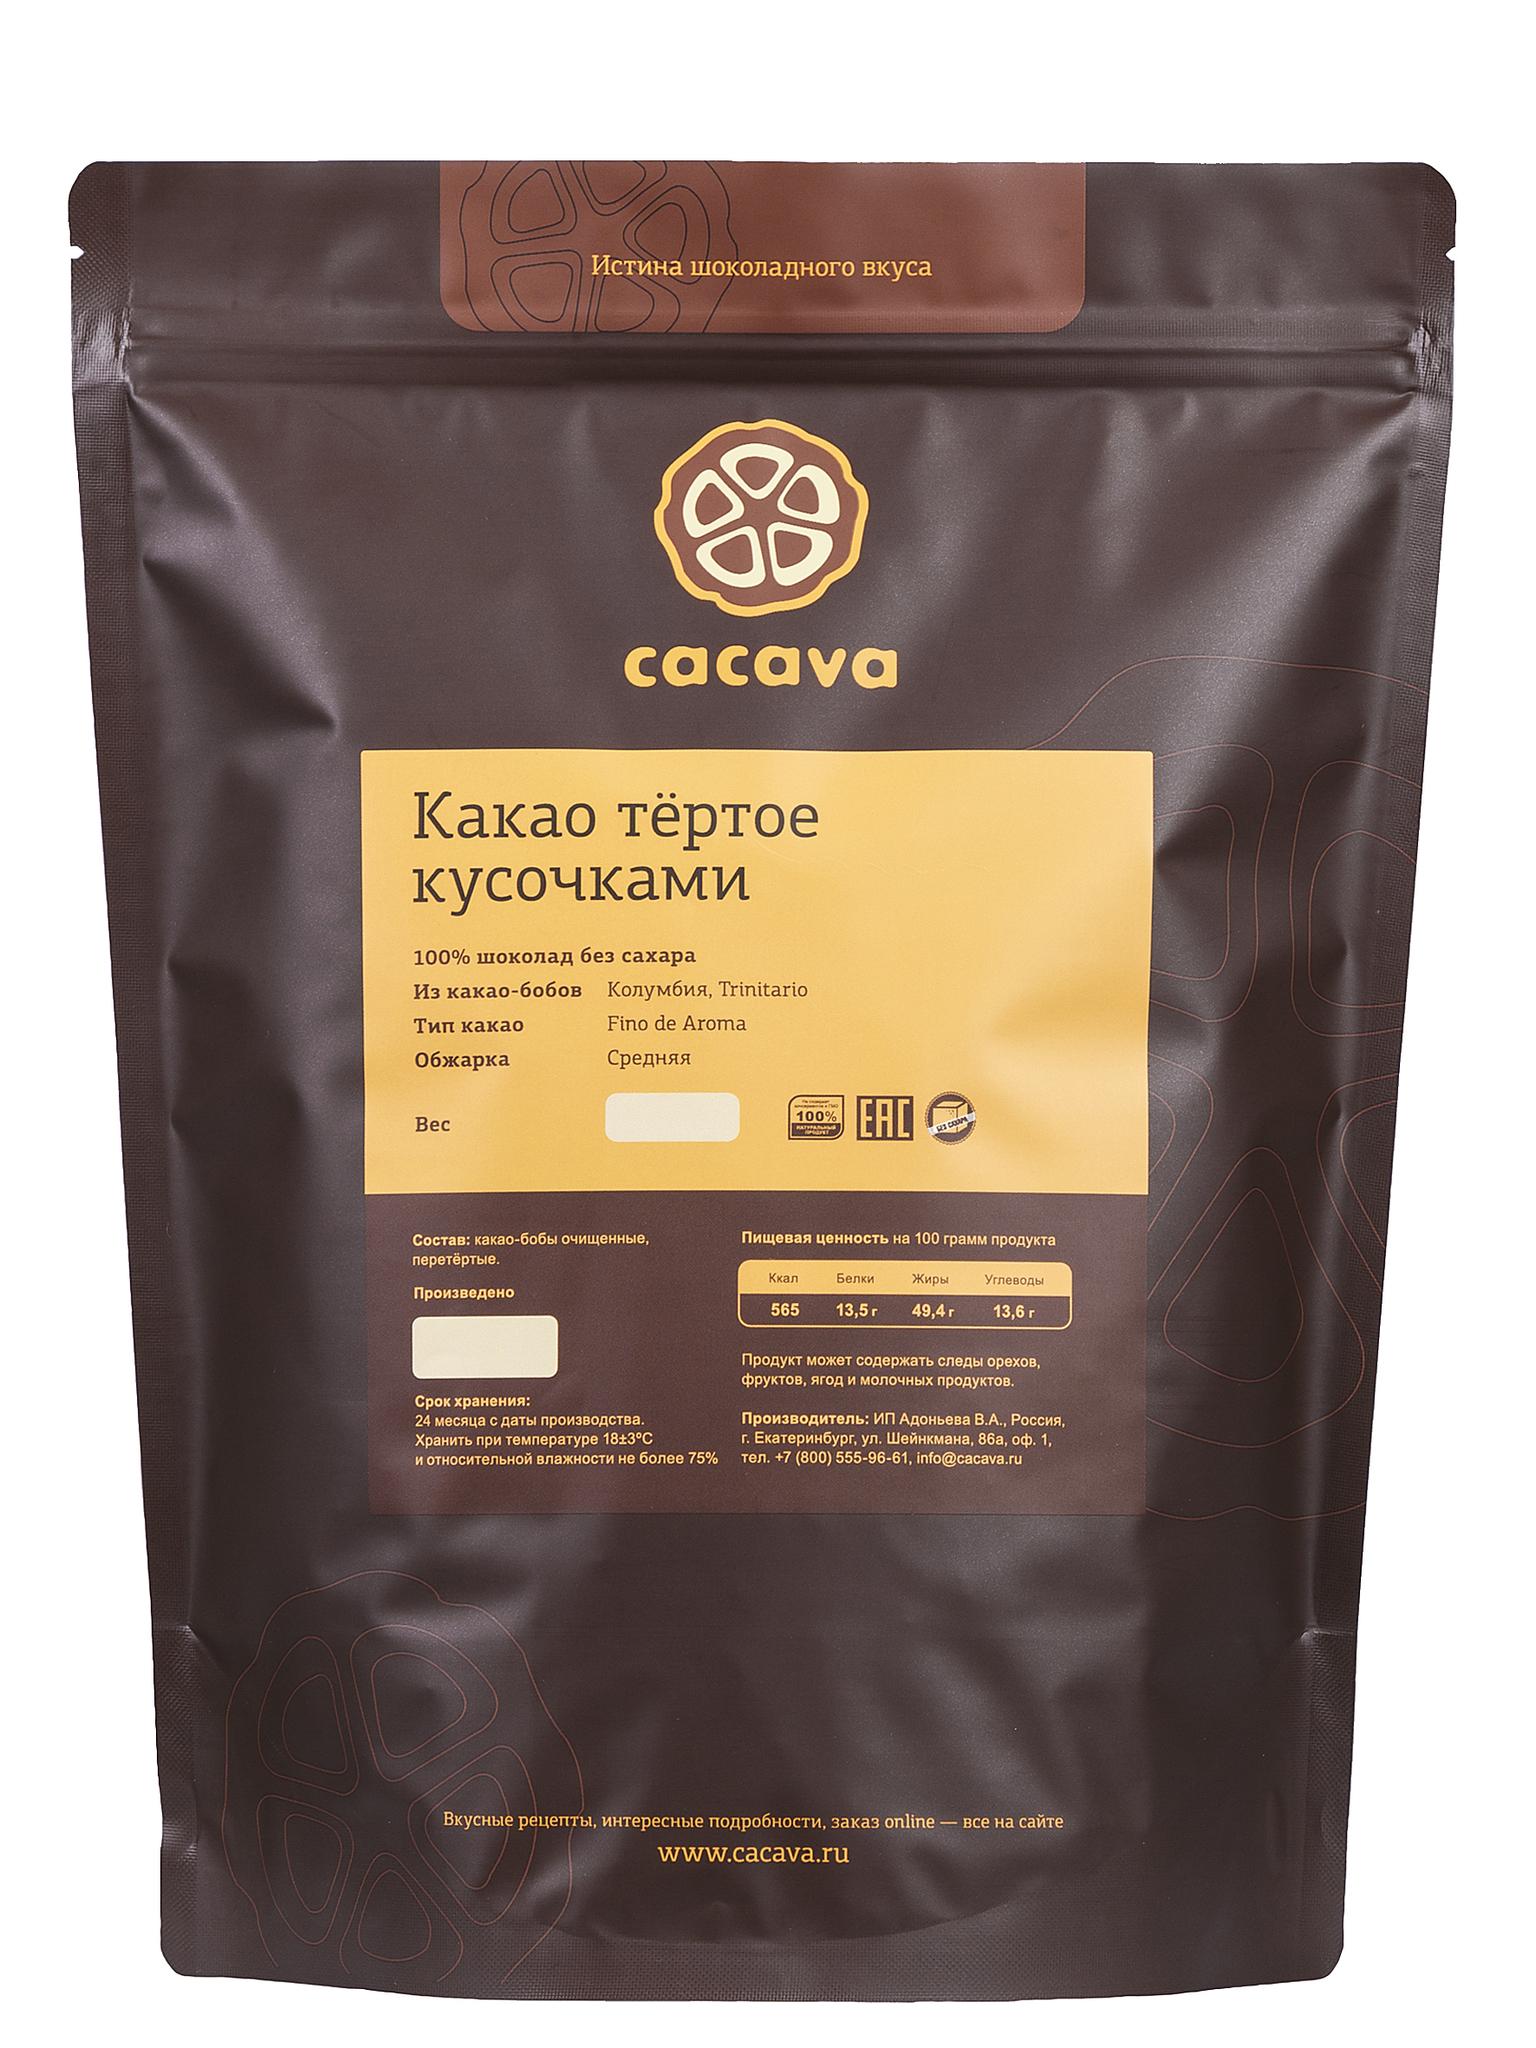 Какао тёртое (Колумбия), упаковка 1 кг